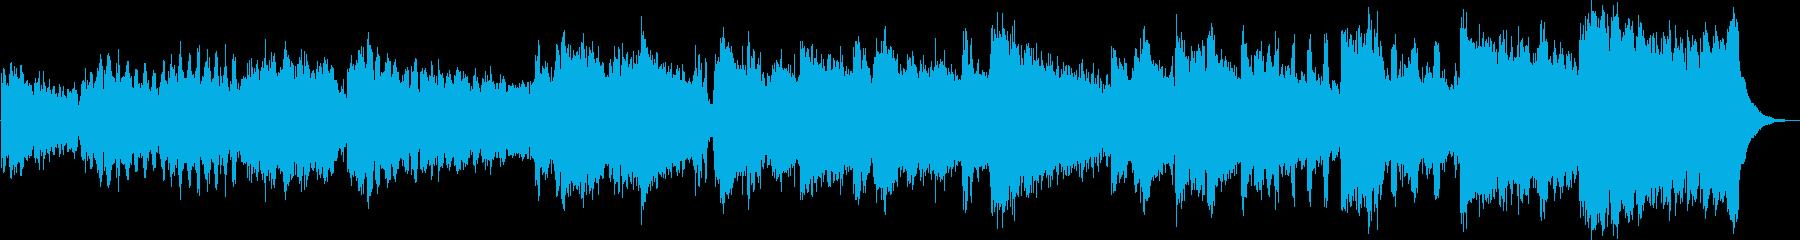 ハッピーバースデーソングのオケアレンジの再生済みの波形